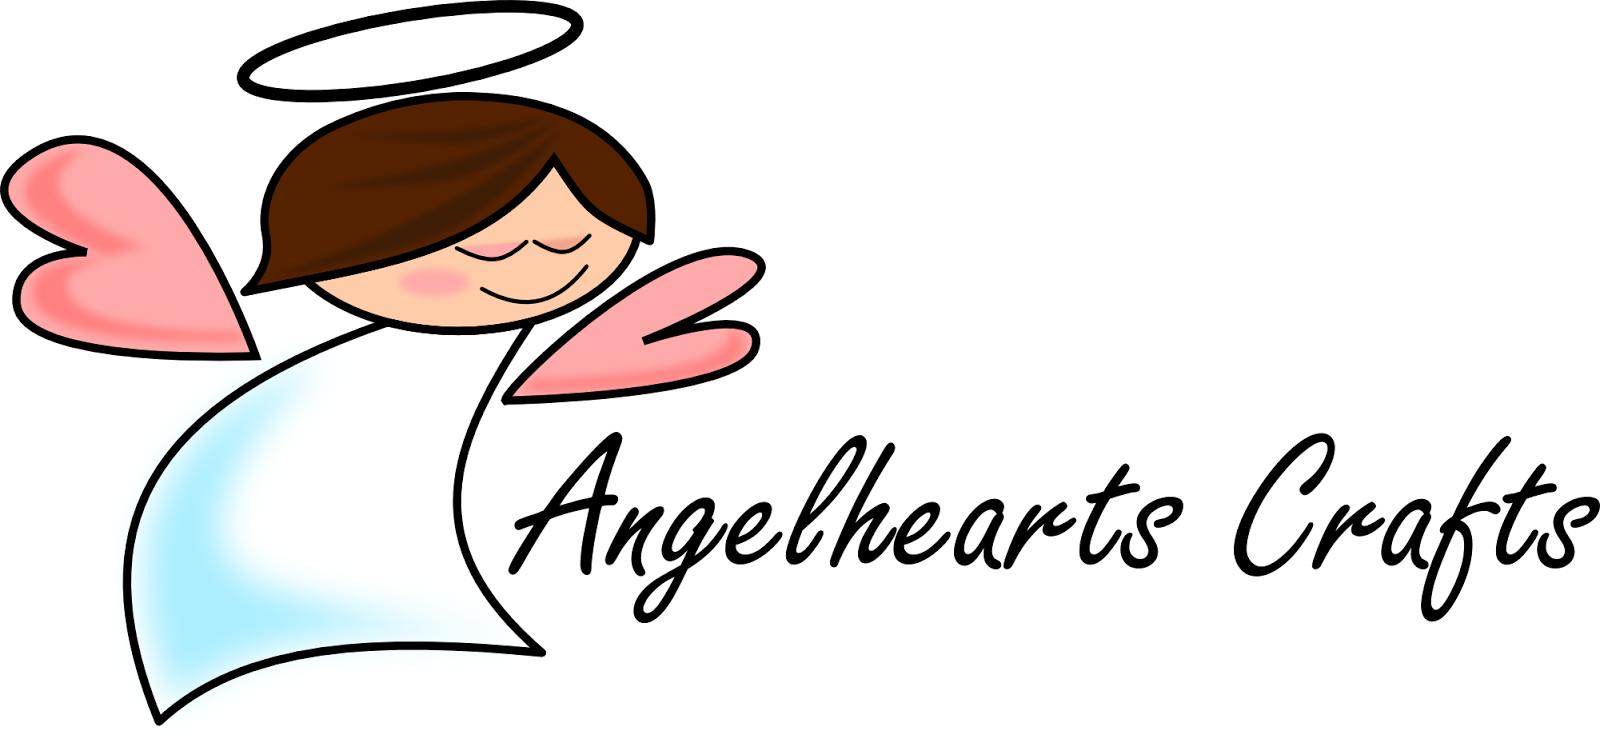 http://angelheartscrafts.blogspot.com/